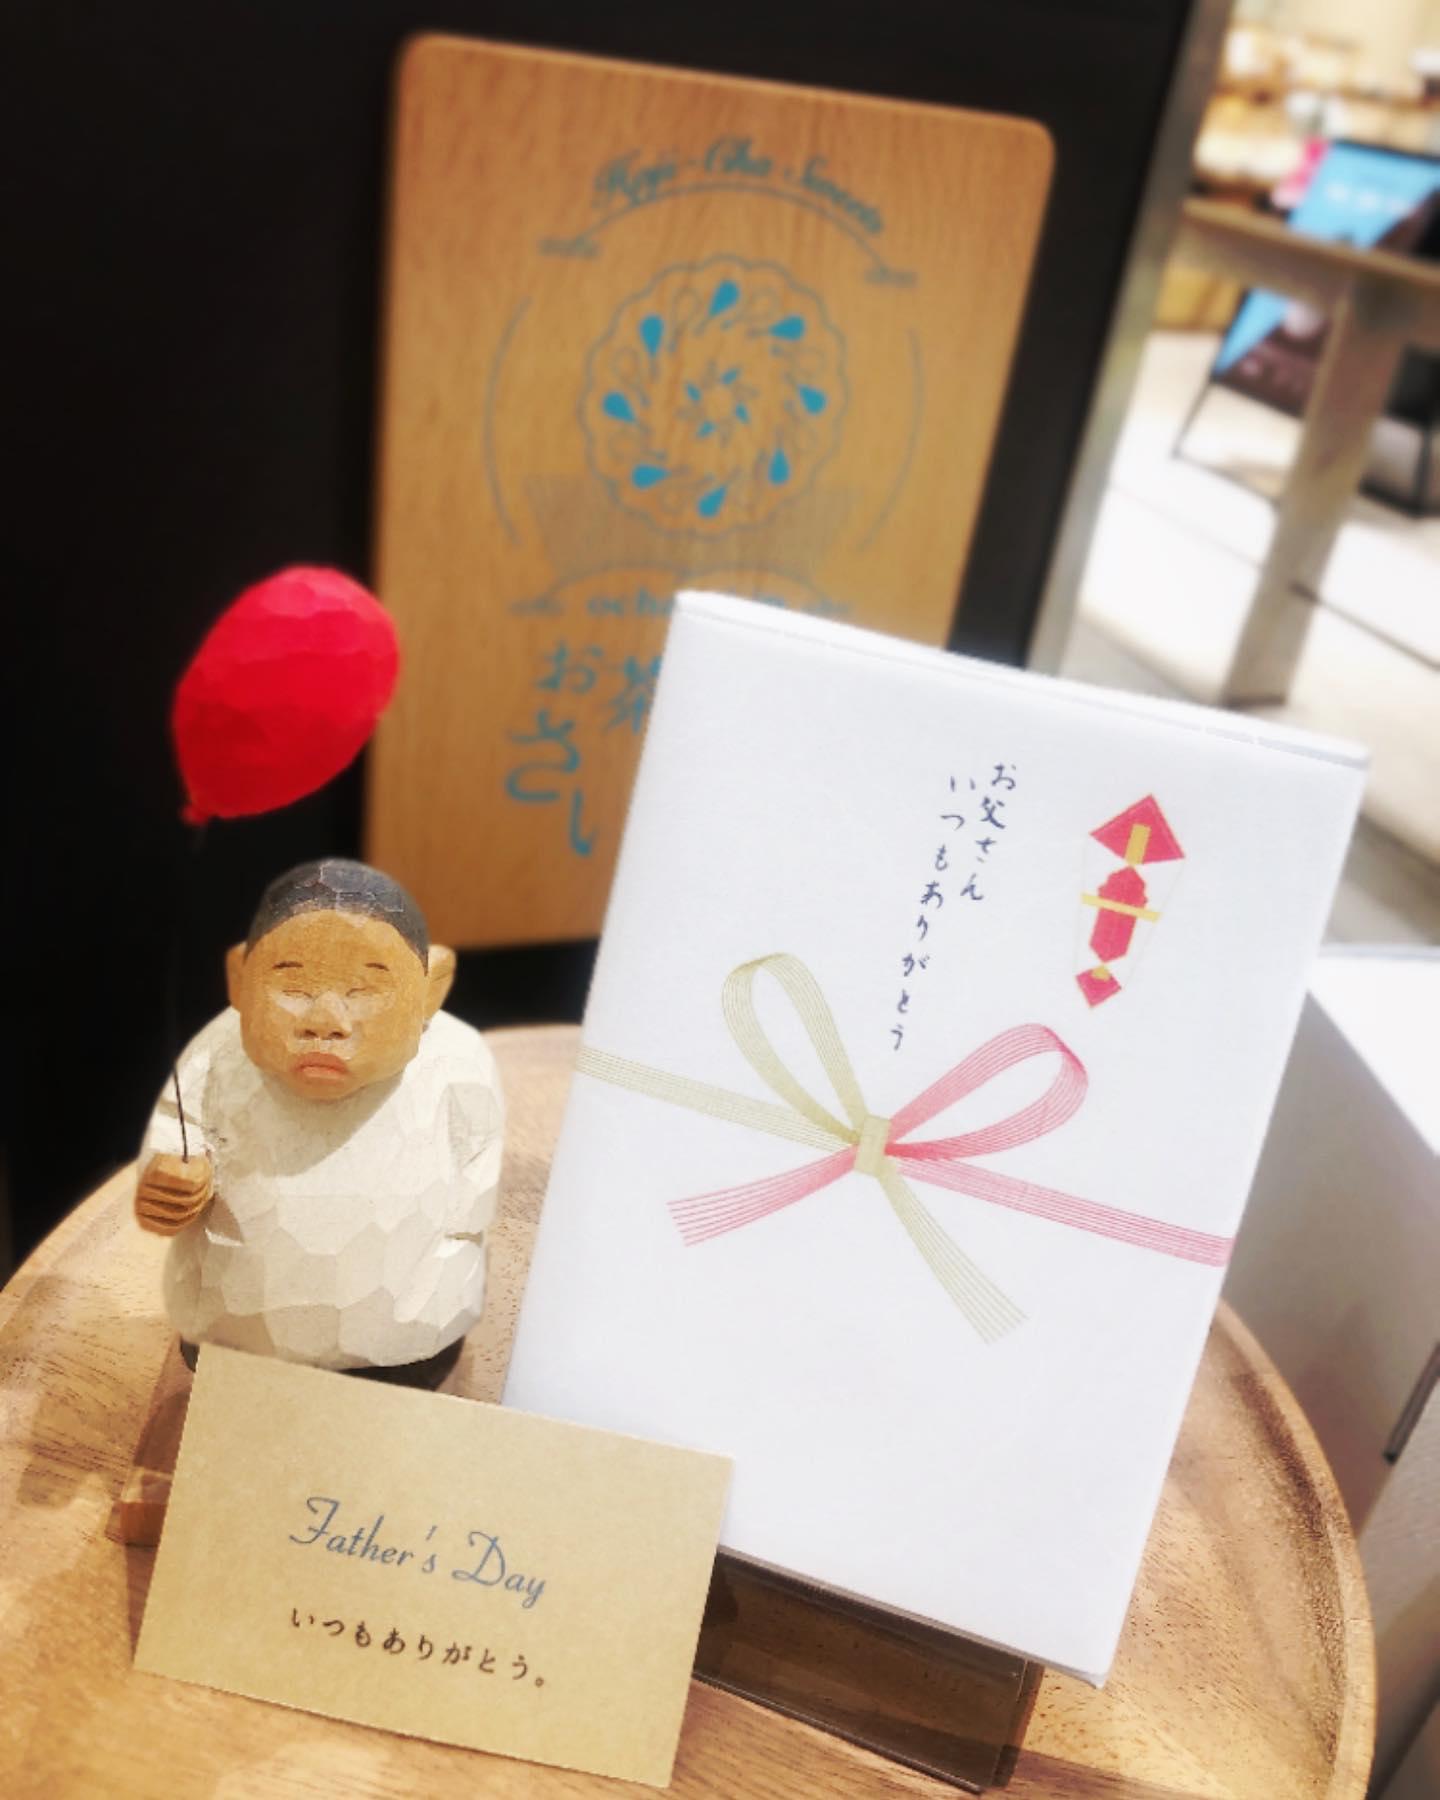 """..いつもありがとうございますお茶の菓さいさい神戸マルイ店です!..6月21日(日)は """"父の日"""" ですね.神戸マルイ店では、父の日におすすめの焼き菓子詰め合わせをご用意しております.当店自慢の焼き菓子は素材の味を楽しんで頂けるよう、甘さ控えめにお作りしております◎.甘いものが苦手、、という男性の方にもおすすめです️..皆様のご来店、お待ちしております.#お茶#ほうじ茶#ほうじ茶スイーツ#ほうじ茶好き#父の日プレゼント #父の日#お父さんありがとう"""